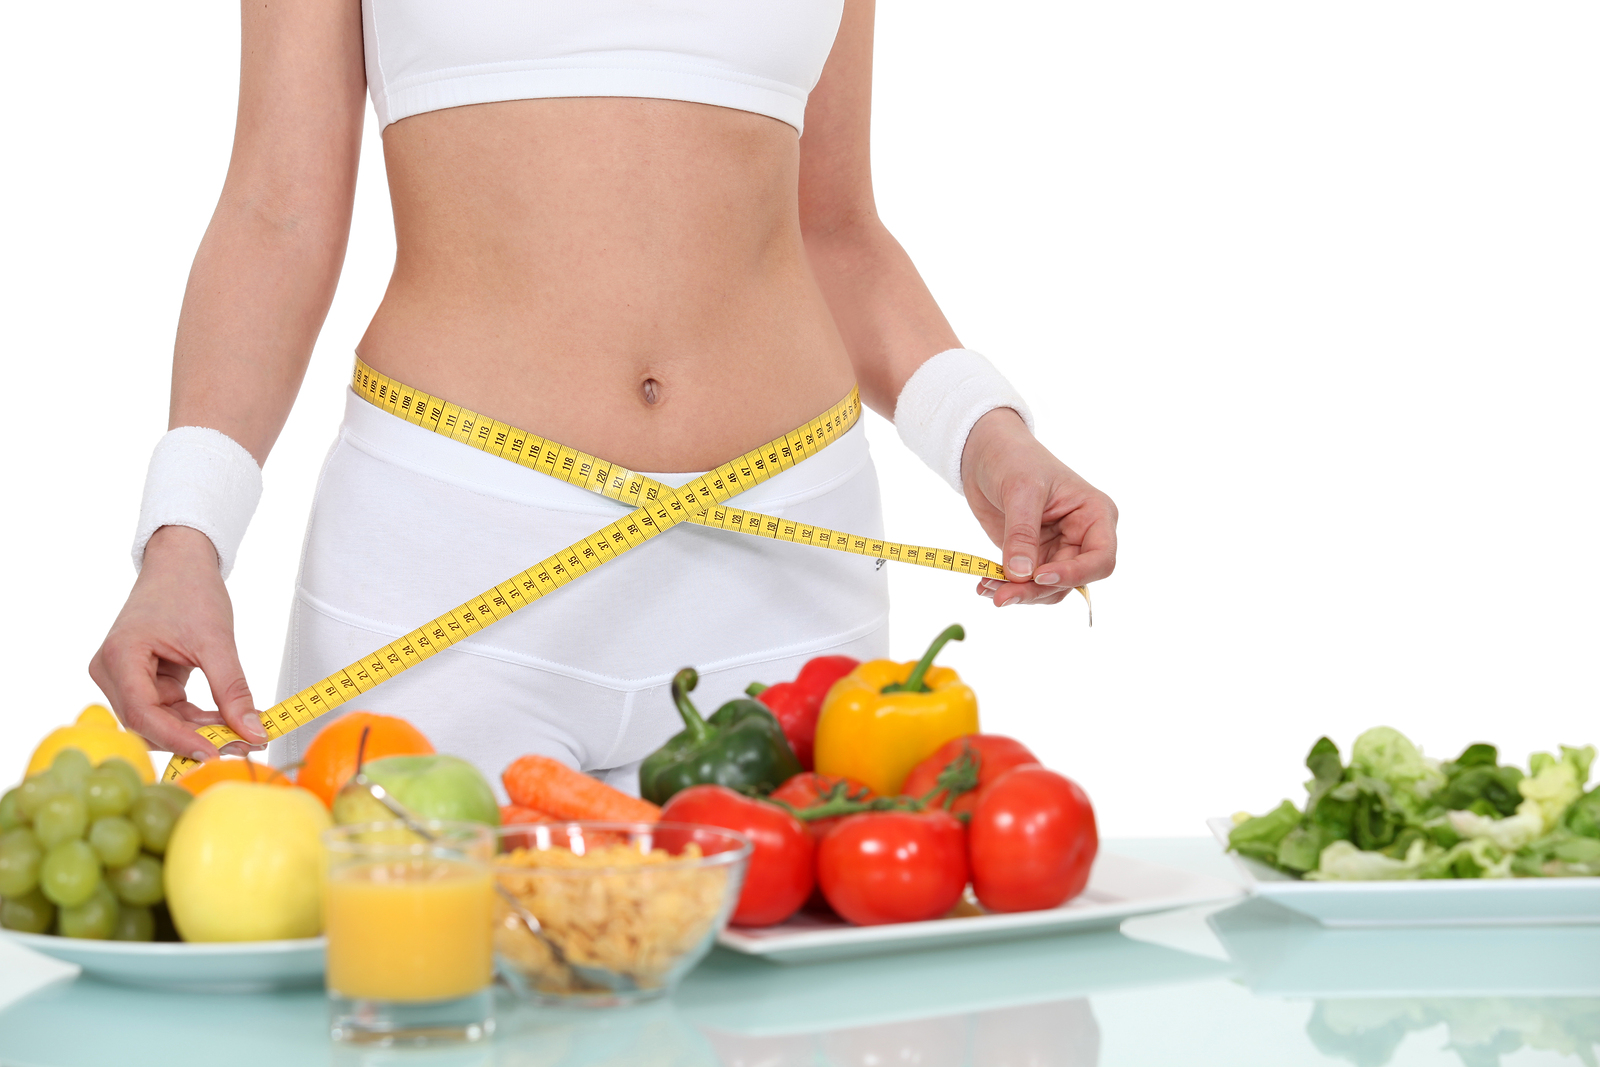 Быстро Похудеть Овощи. Фруктово-овощная диета — характеристики, плюсы, минусы, особенности, польза и противопоказания (120 фото + видео)